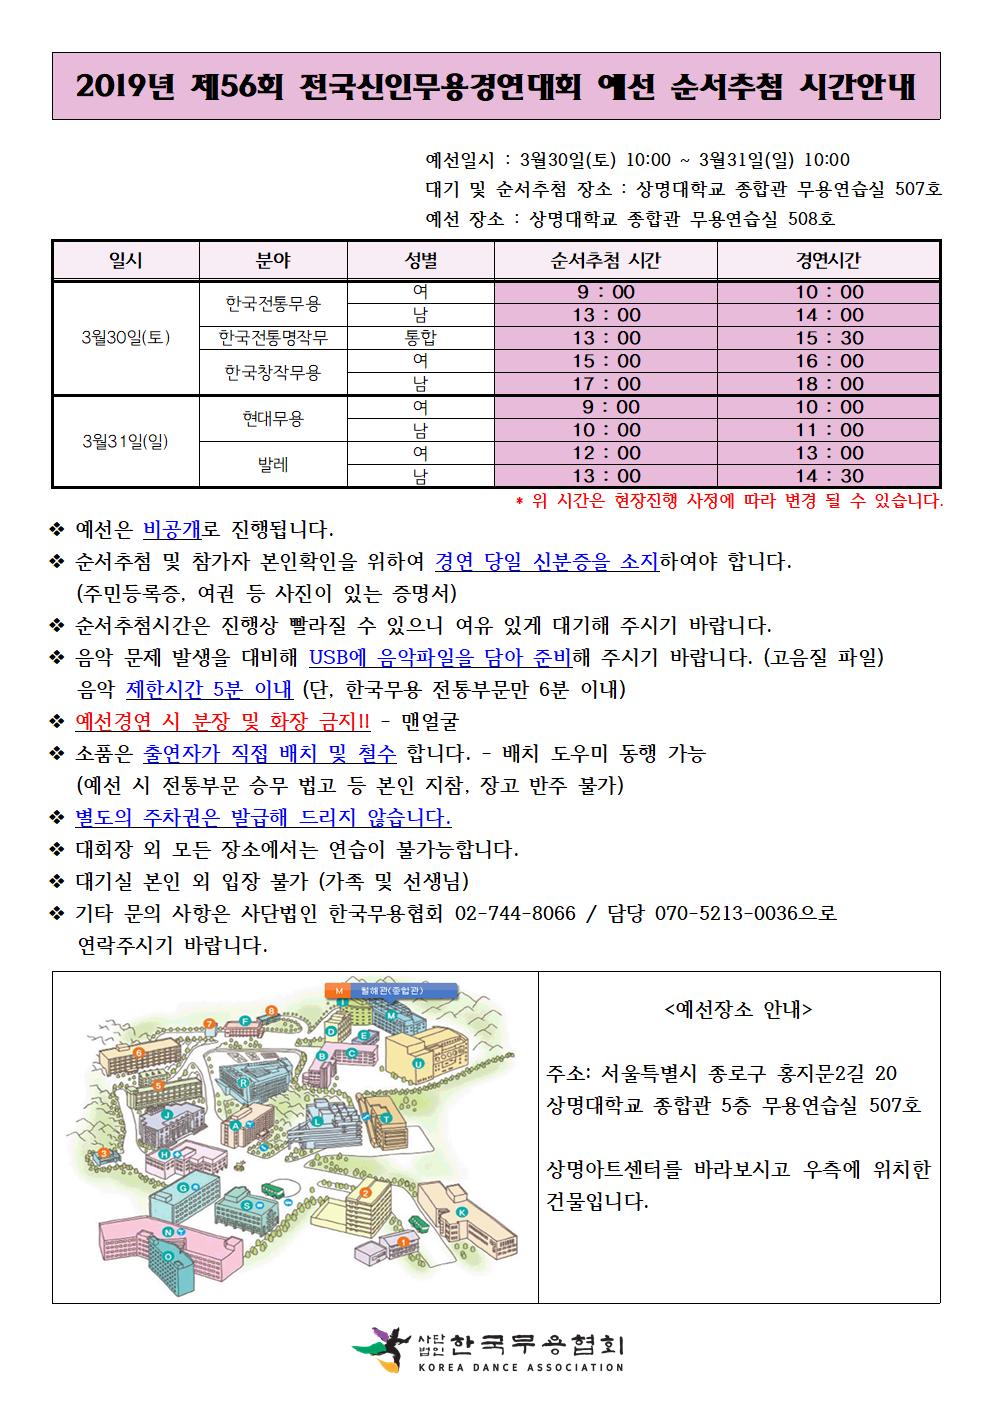 제56회 신인 예선,본선 순서추첨 안내_공고002.png